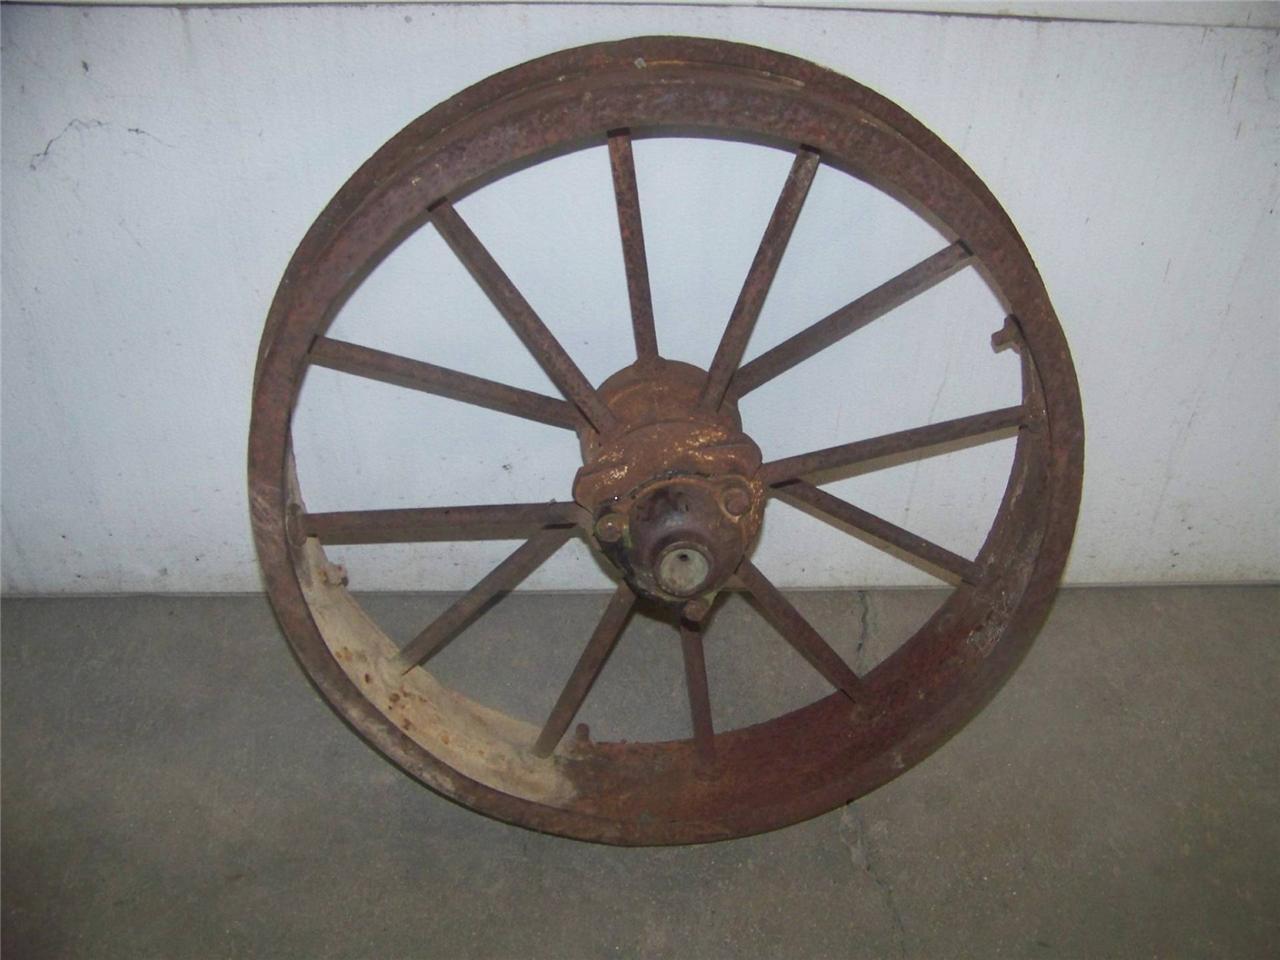 John Deere Steel Wheels : John deere gp tractor original used take off front steel